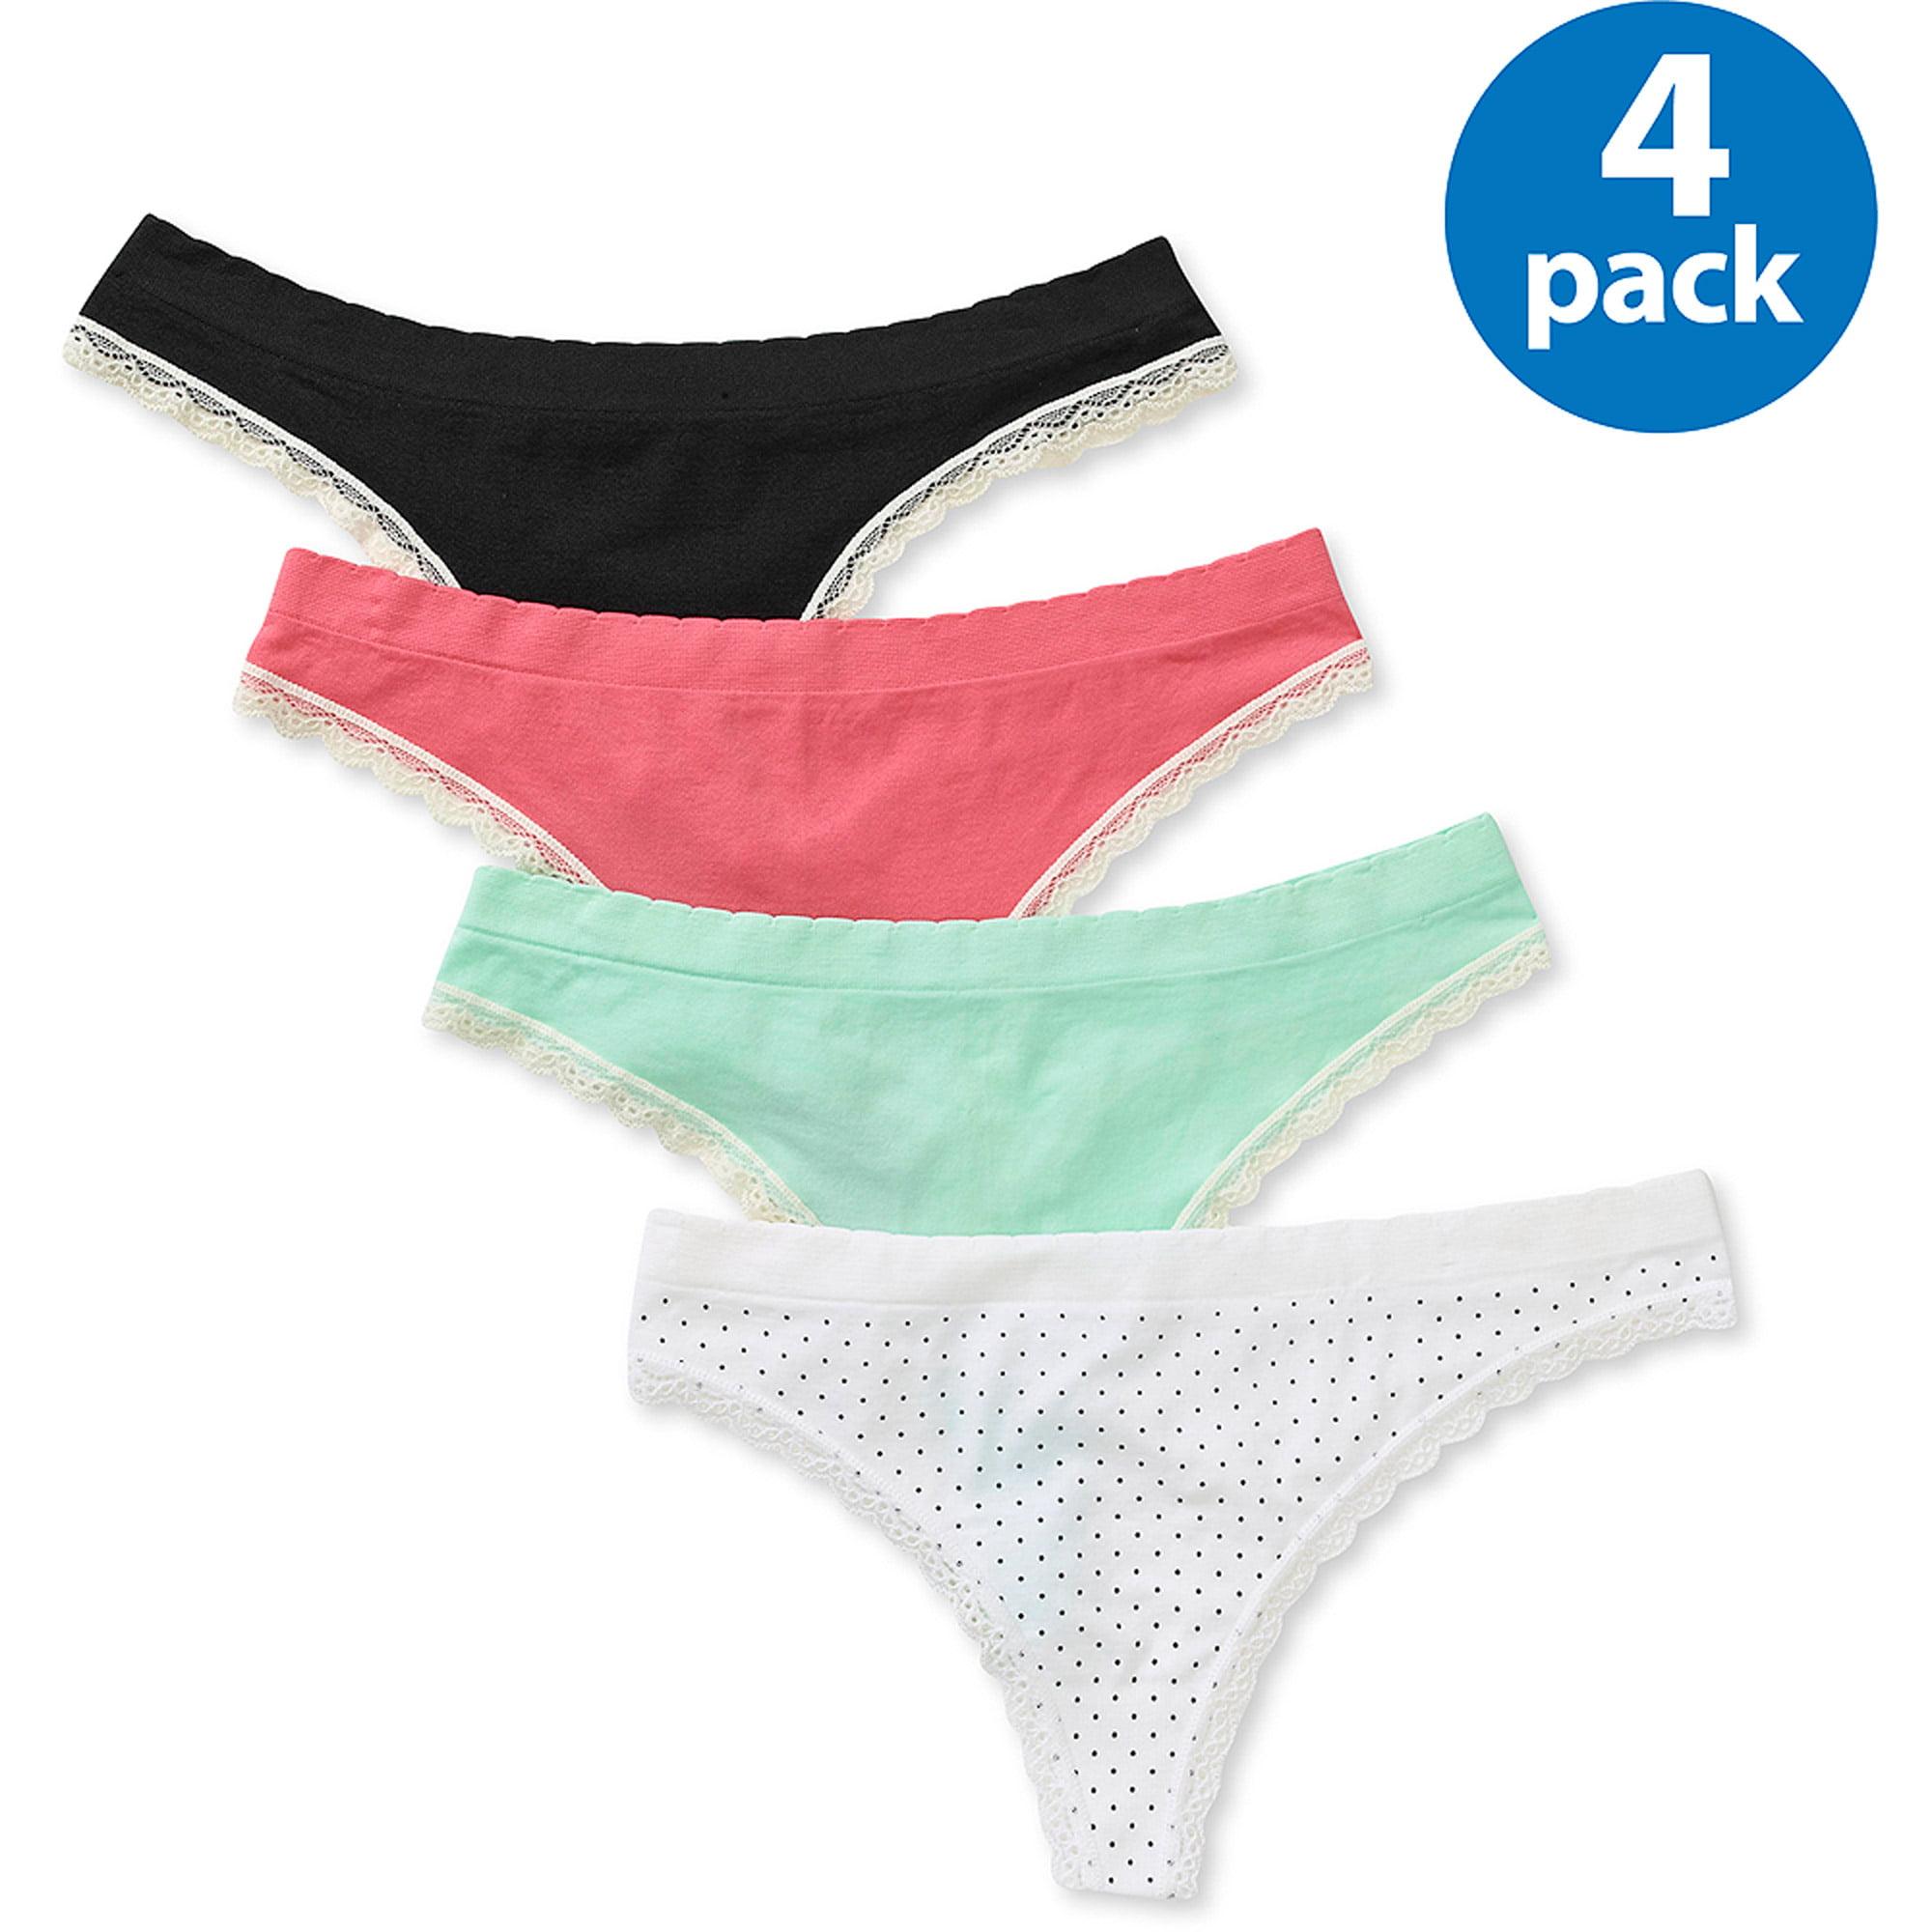 George Women's Seamless Thong Panties 4-Pack